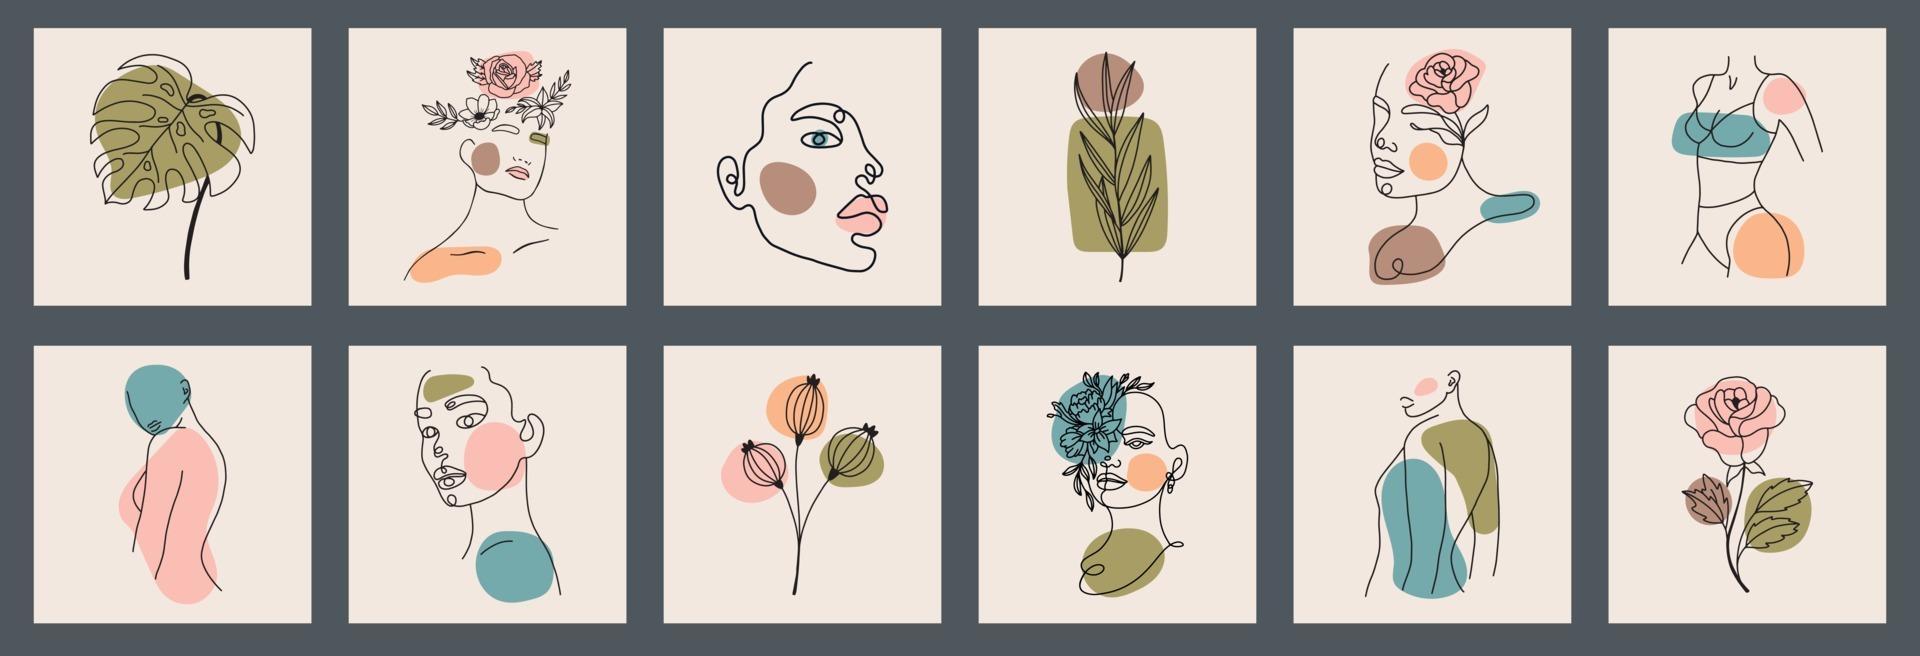 grote achtergrondreeks gezichten, bladeren, bloemen, abstracte vormen. inkt schilderstijl. hedendaagse hand getrokken vectorillustraties. doorlopende lijn, minimalistisch elegant concept alle elementen zijn geïsoleerd vector